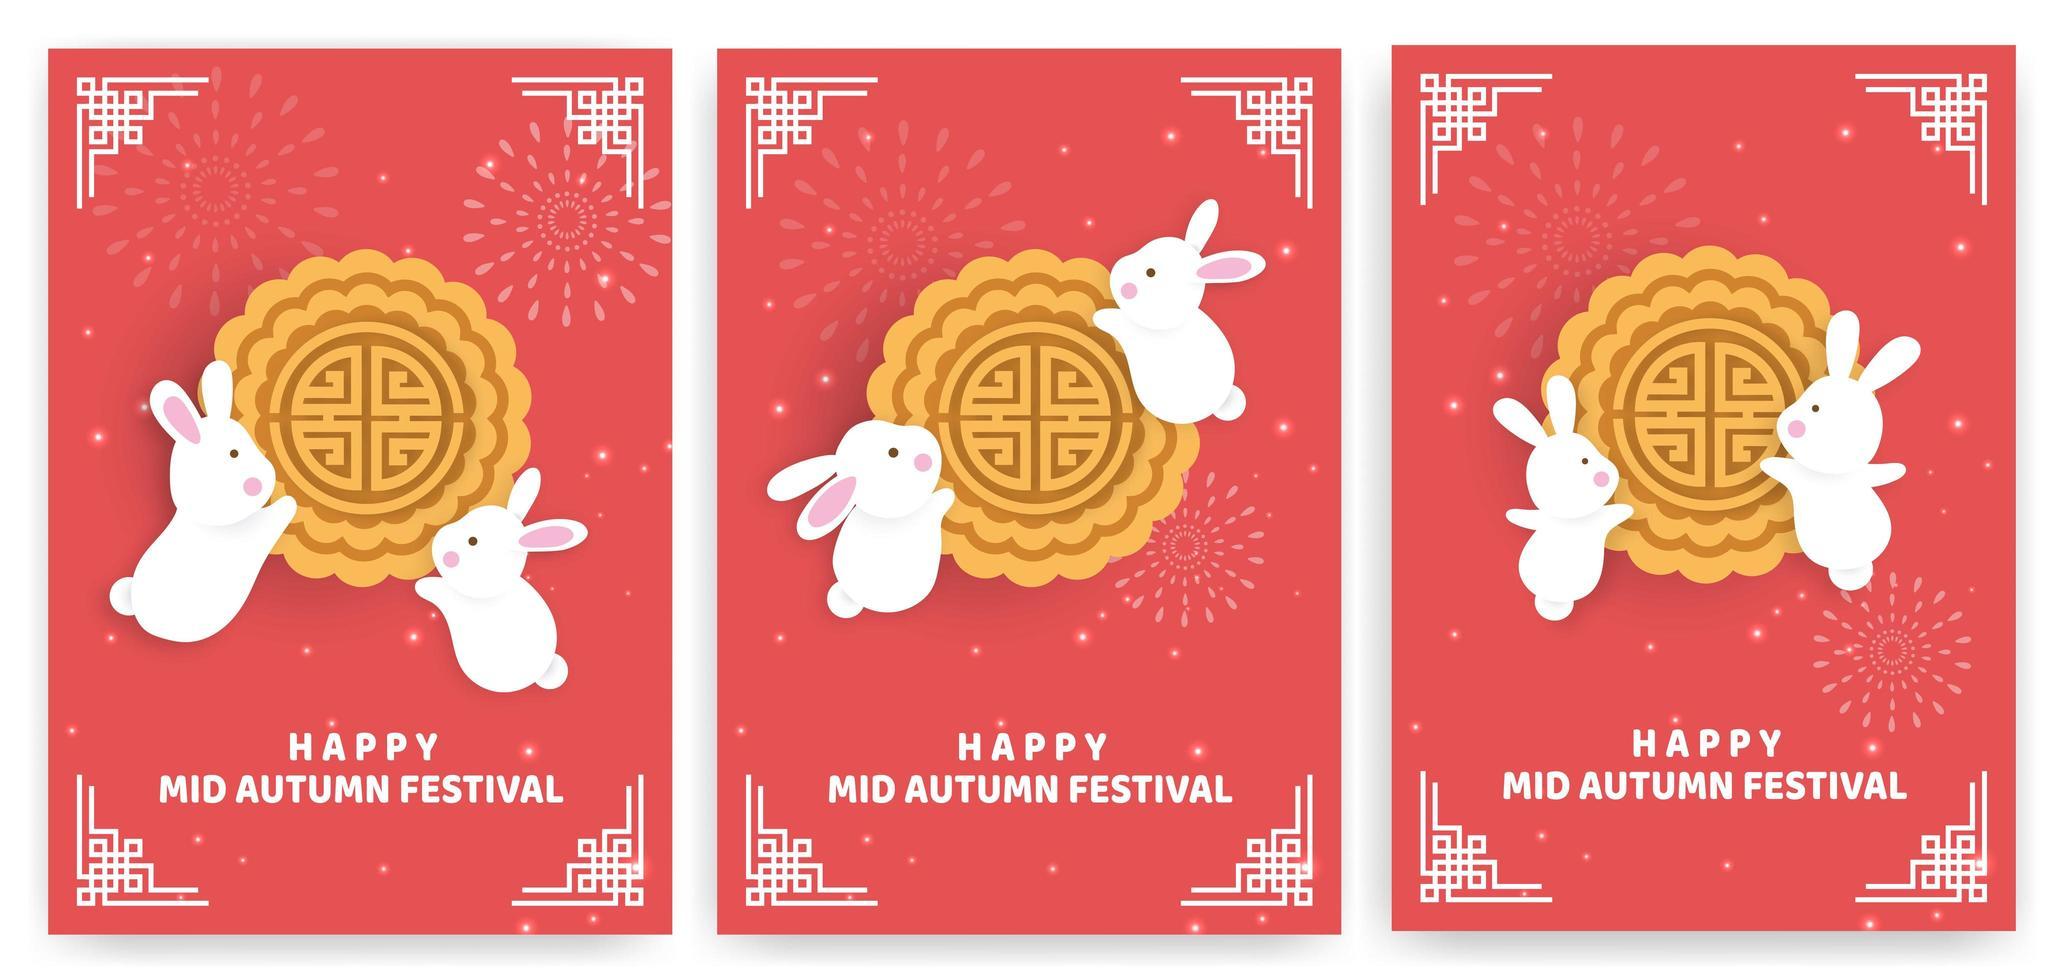 herfst festival kaart met konijnen op rood vector